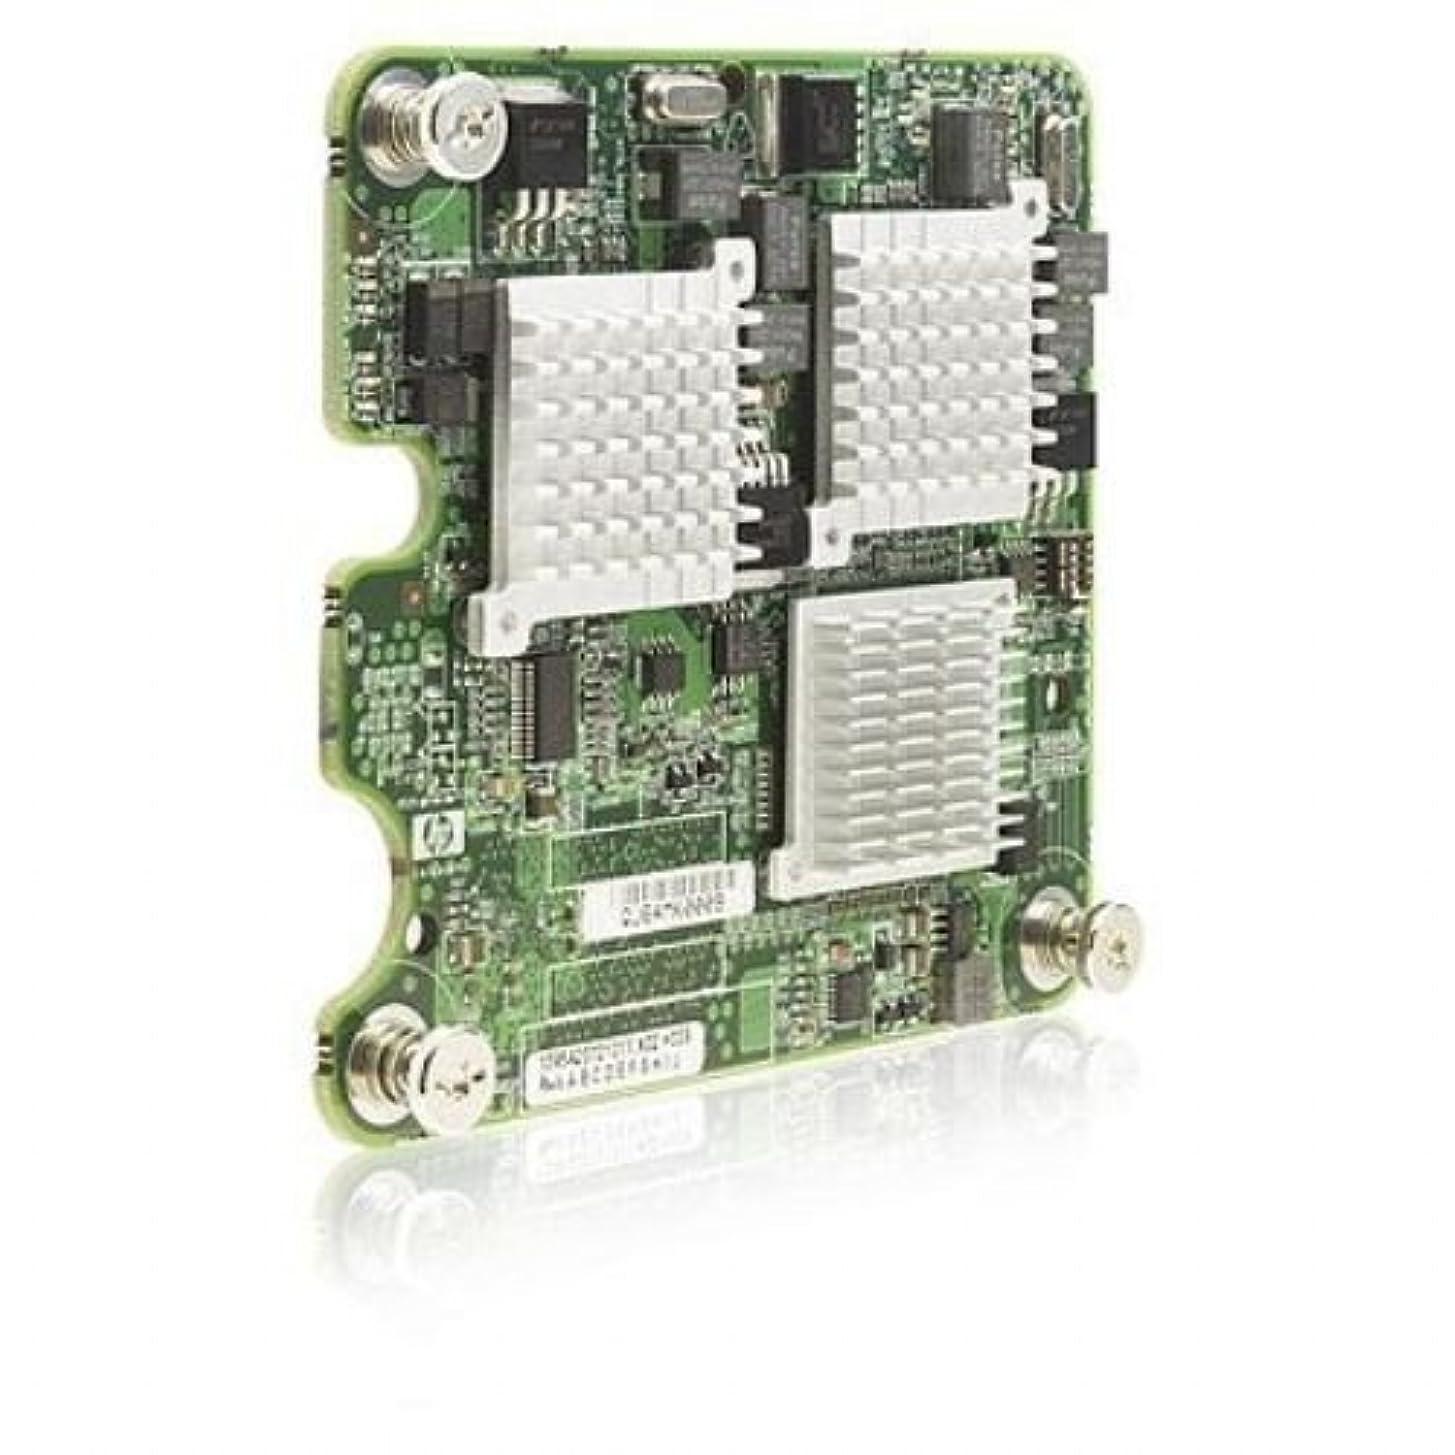 堀忘れる収束するHP NC325m PCI Express クアッドポート ギガビットサーバーアダプター (416585-B21) - (認定整備済み)